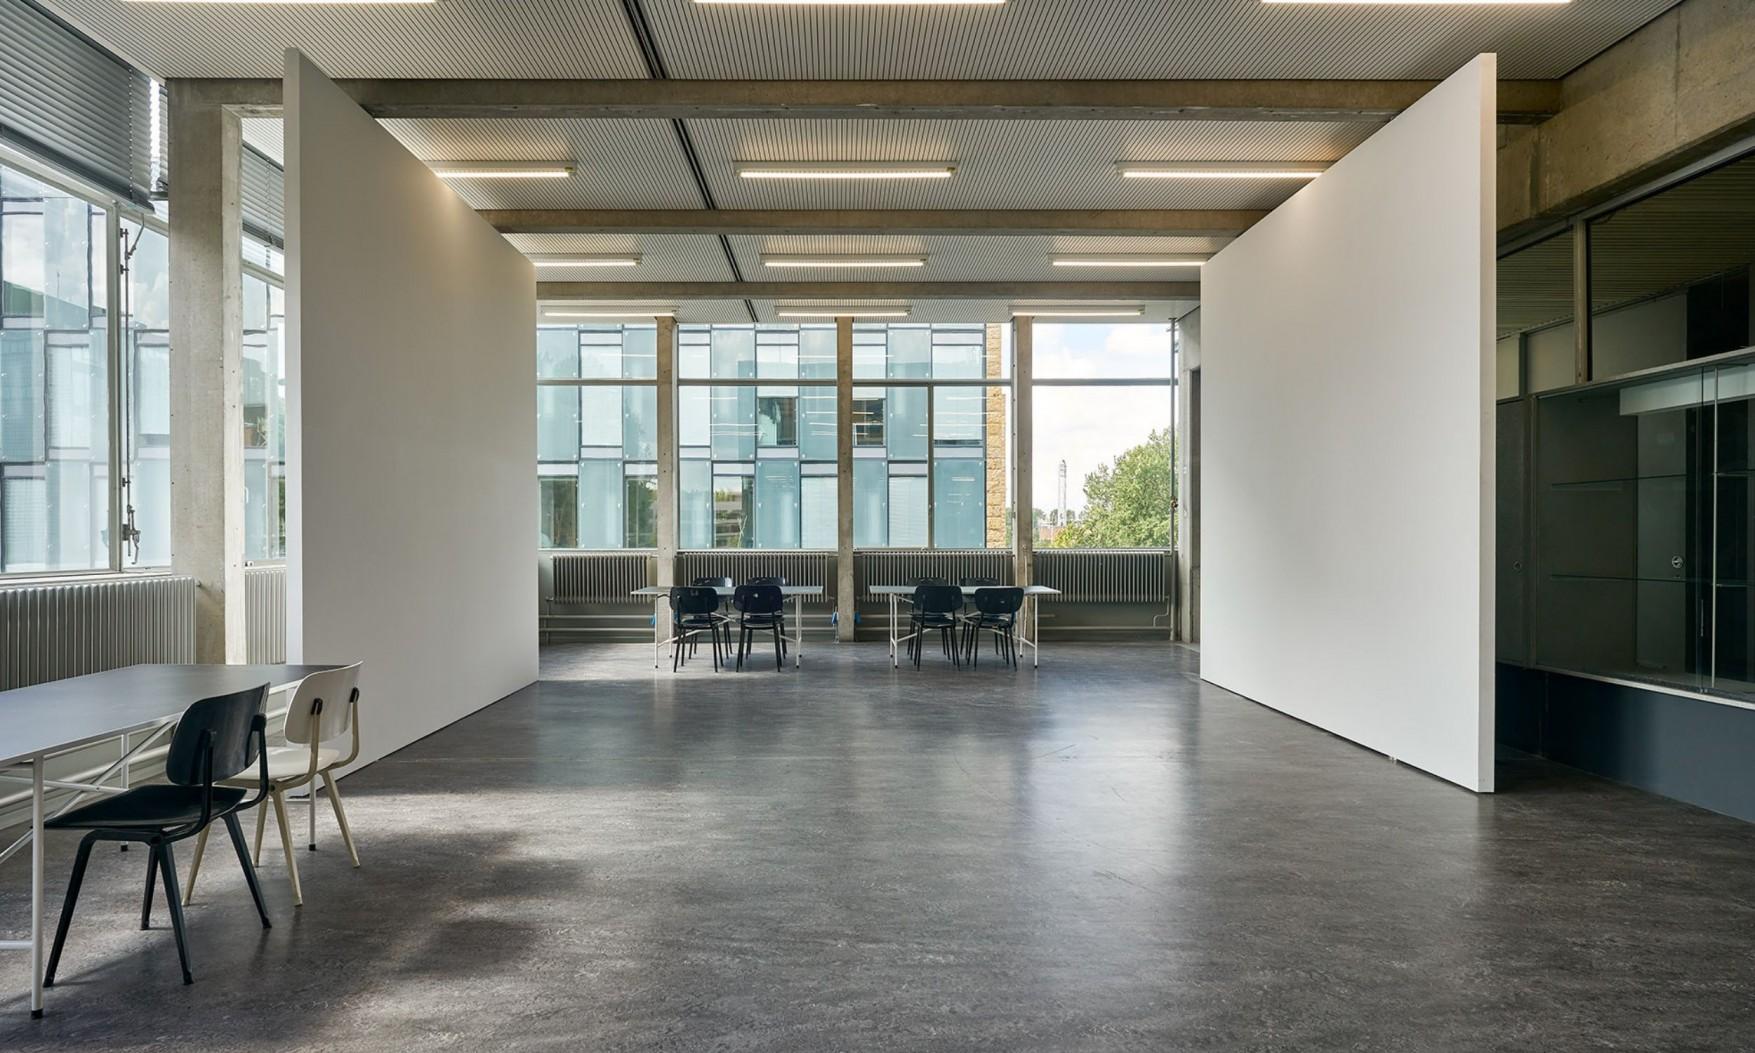 taatsdeuren Gerrit Rietveld Academie ©Hans Morren